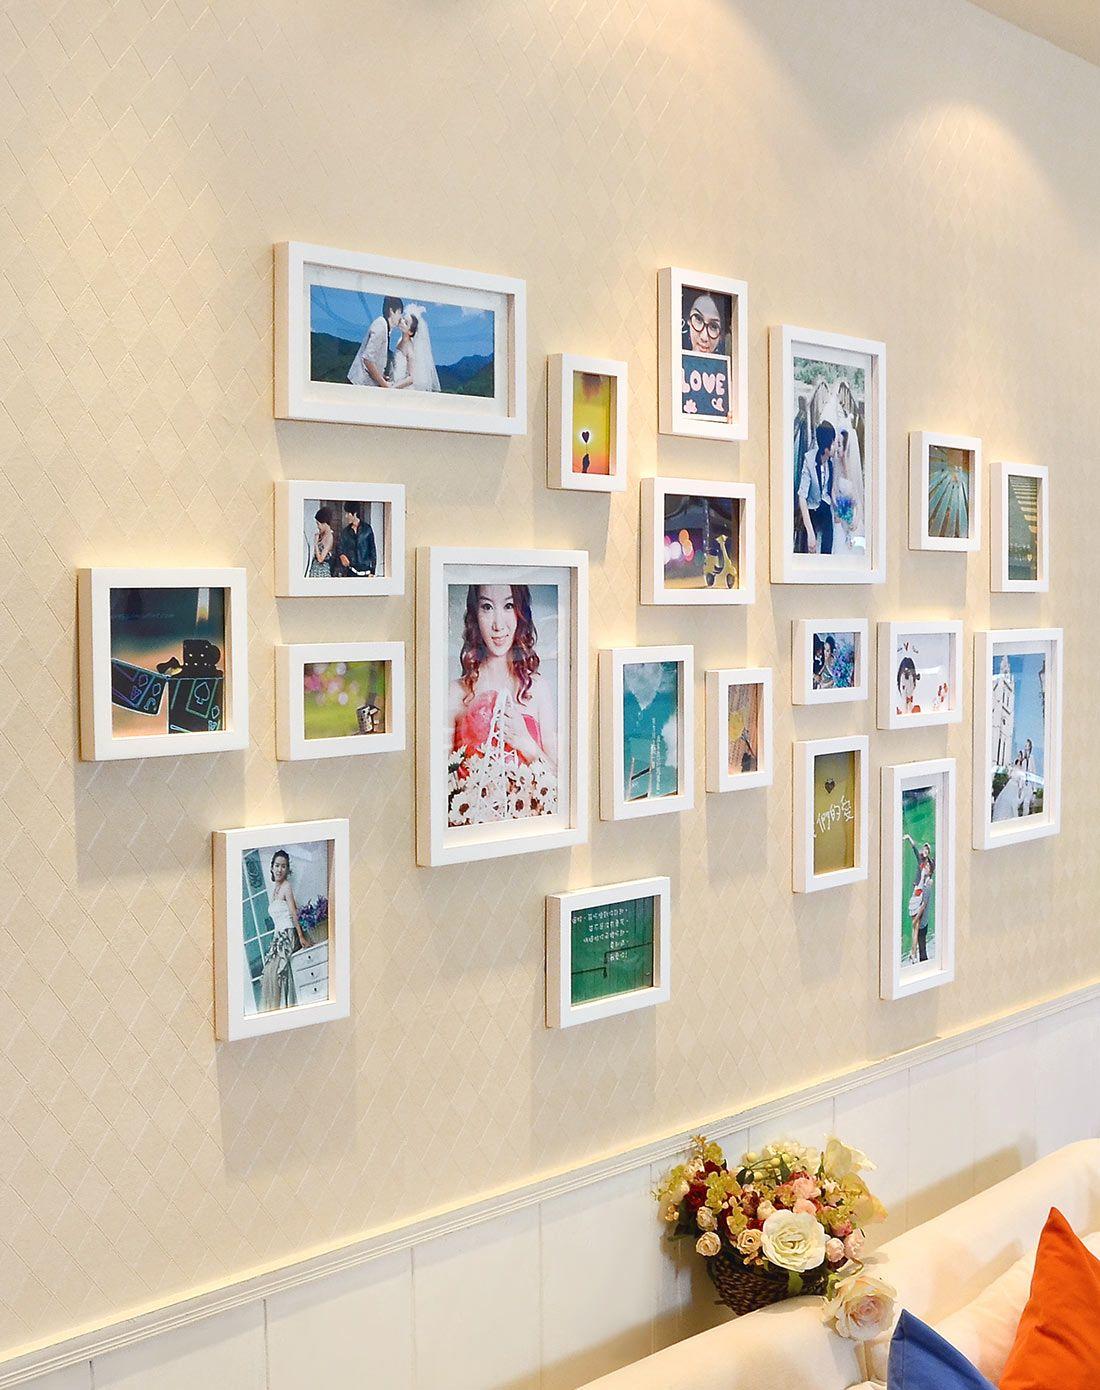 适合生活照照片墙大墙面相框墙